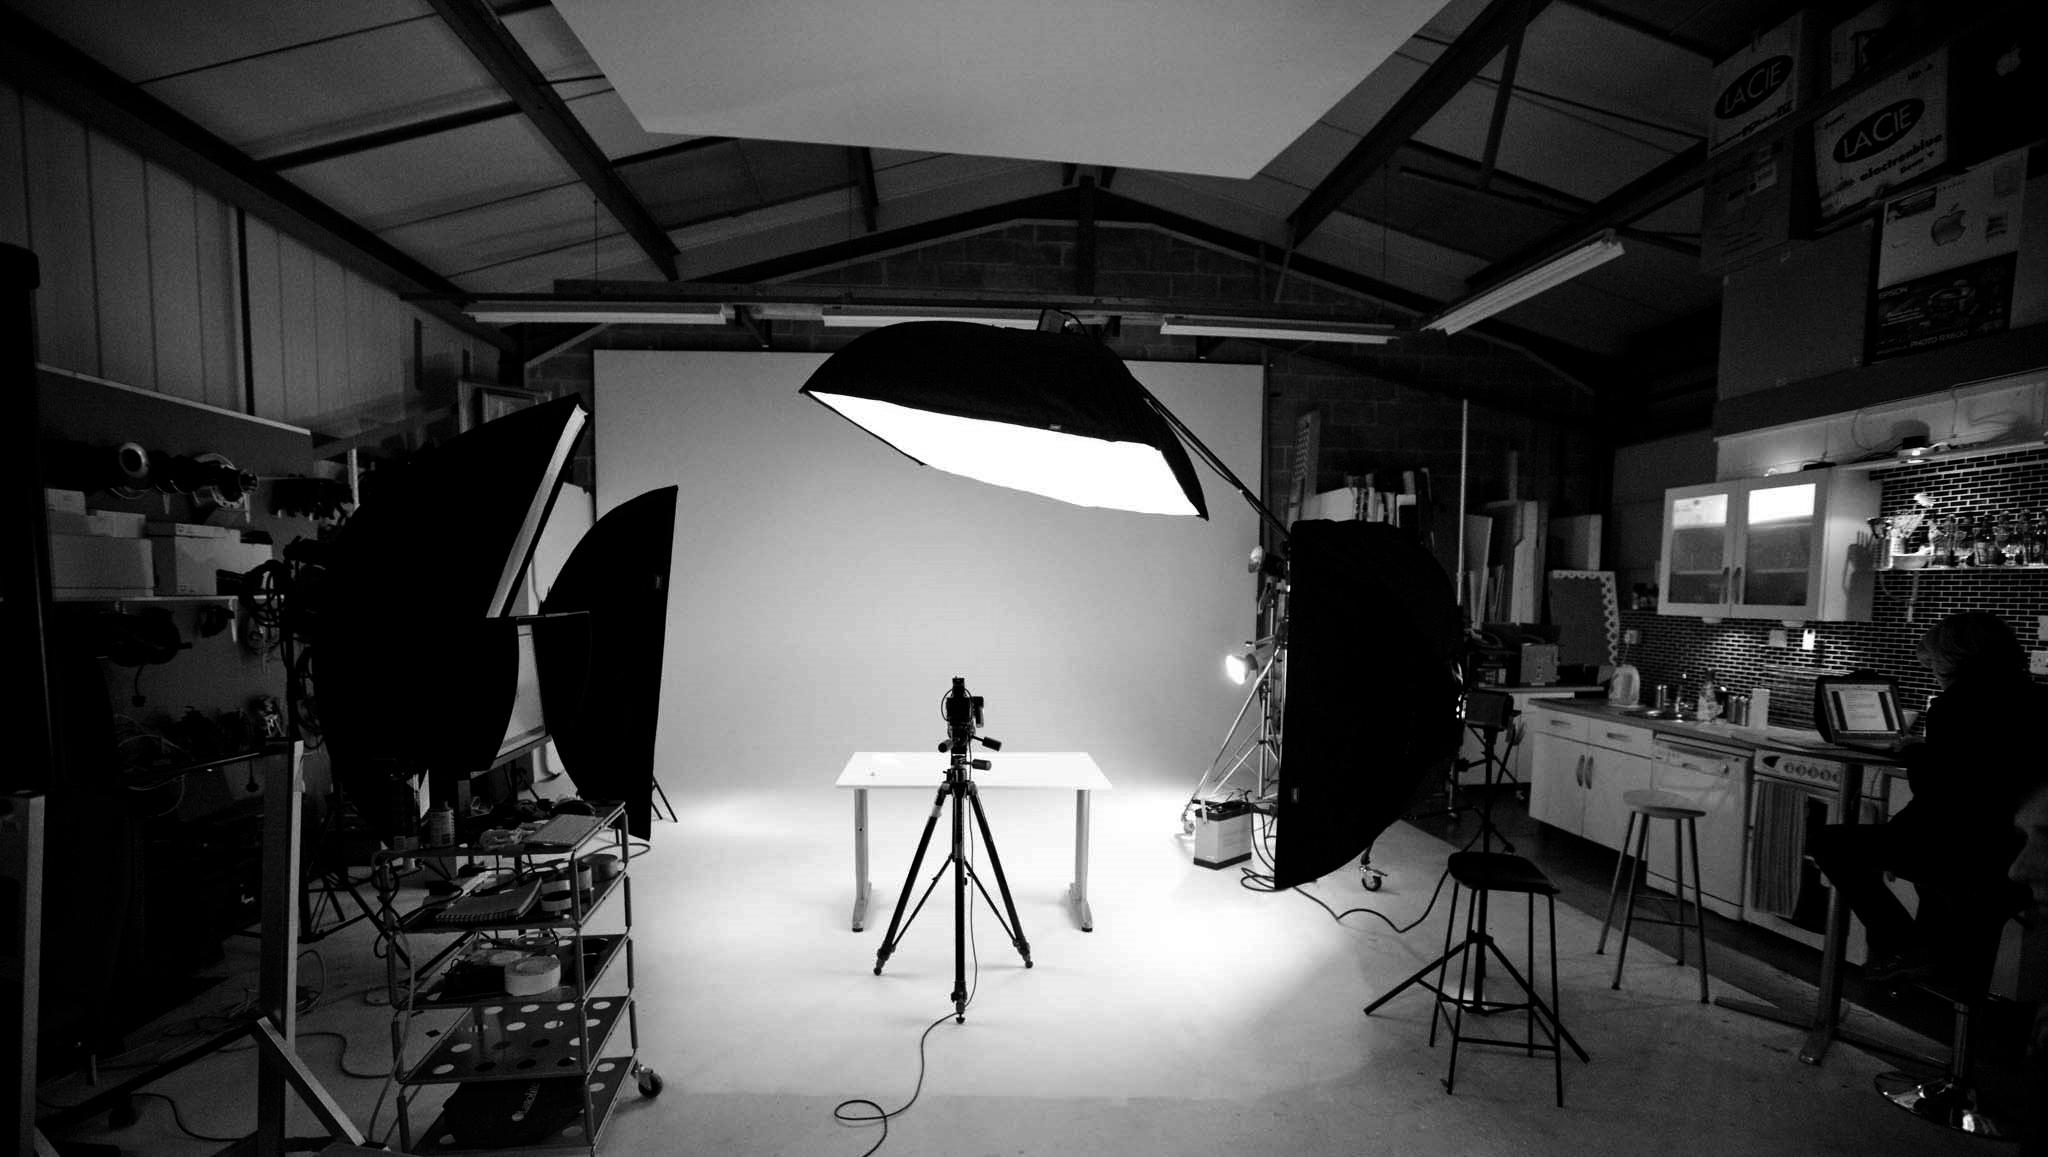 Photodrome studioIMG_1761.jpg